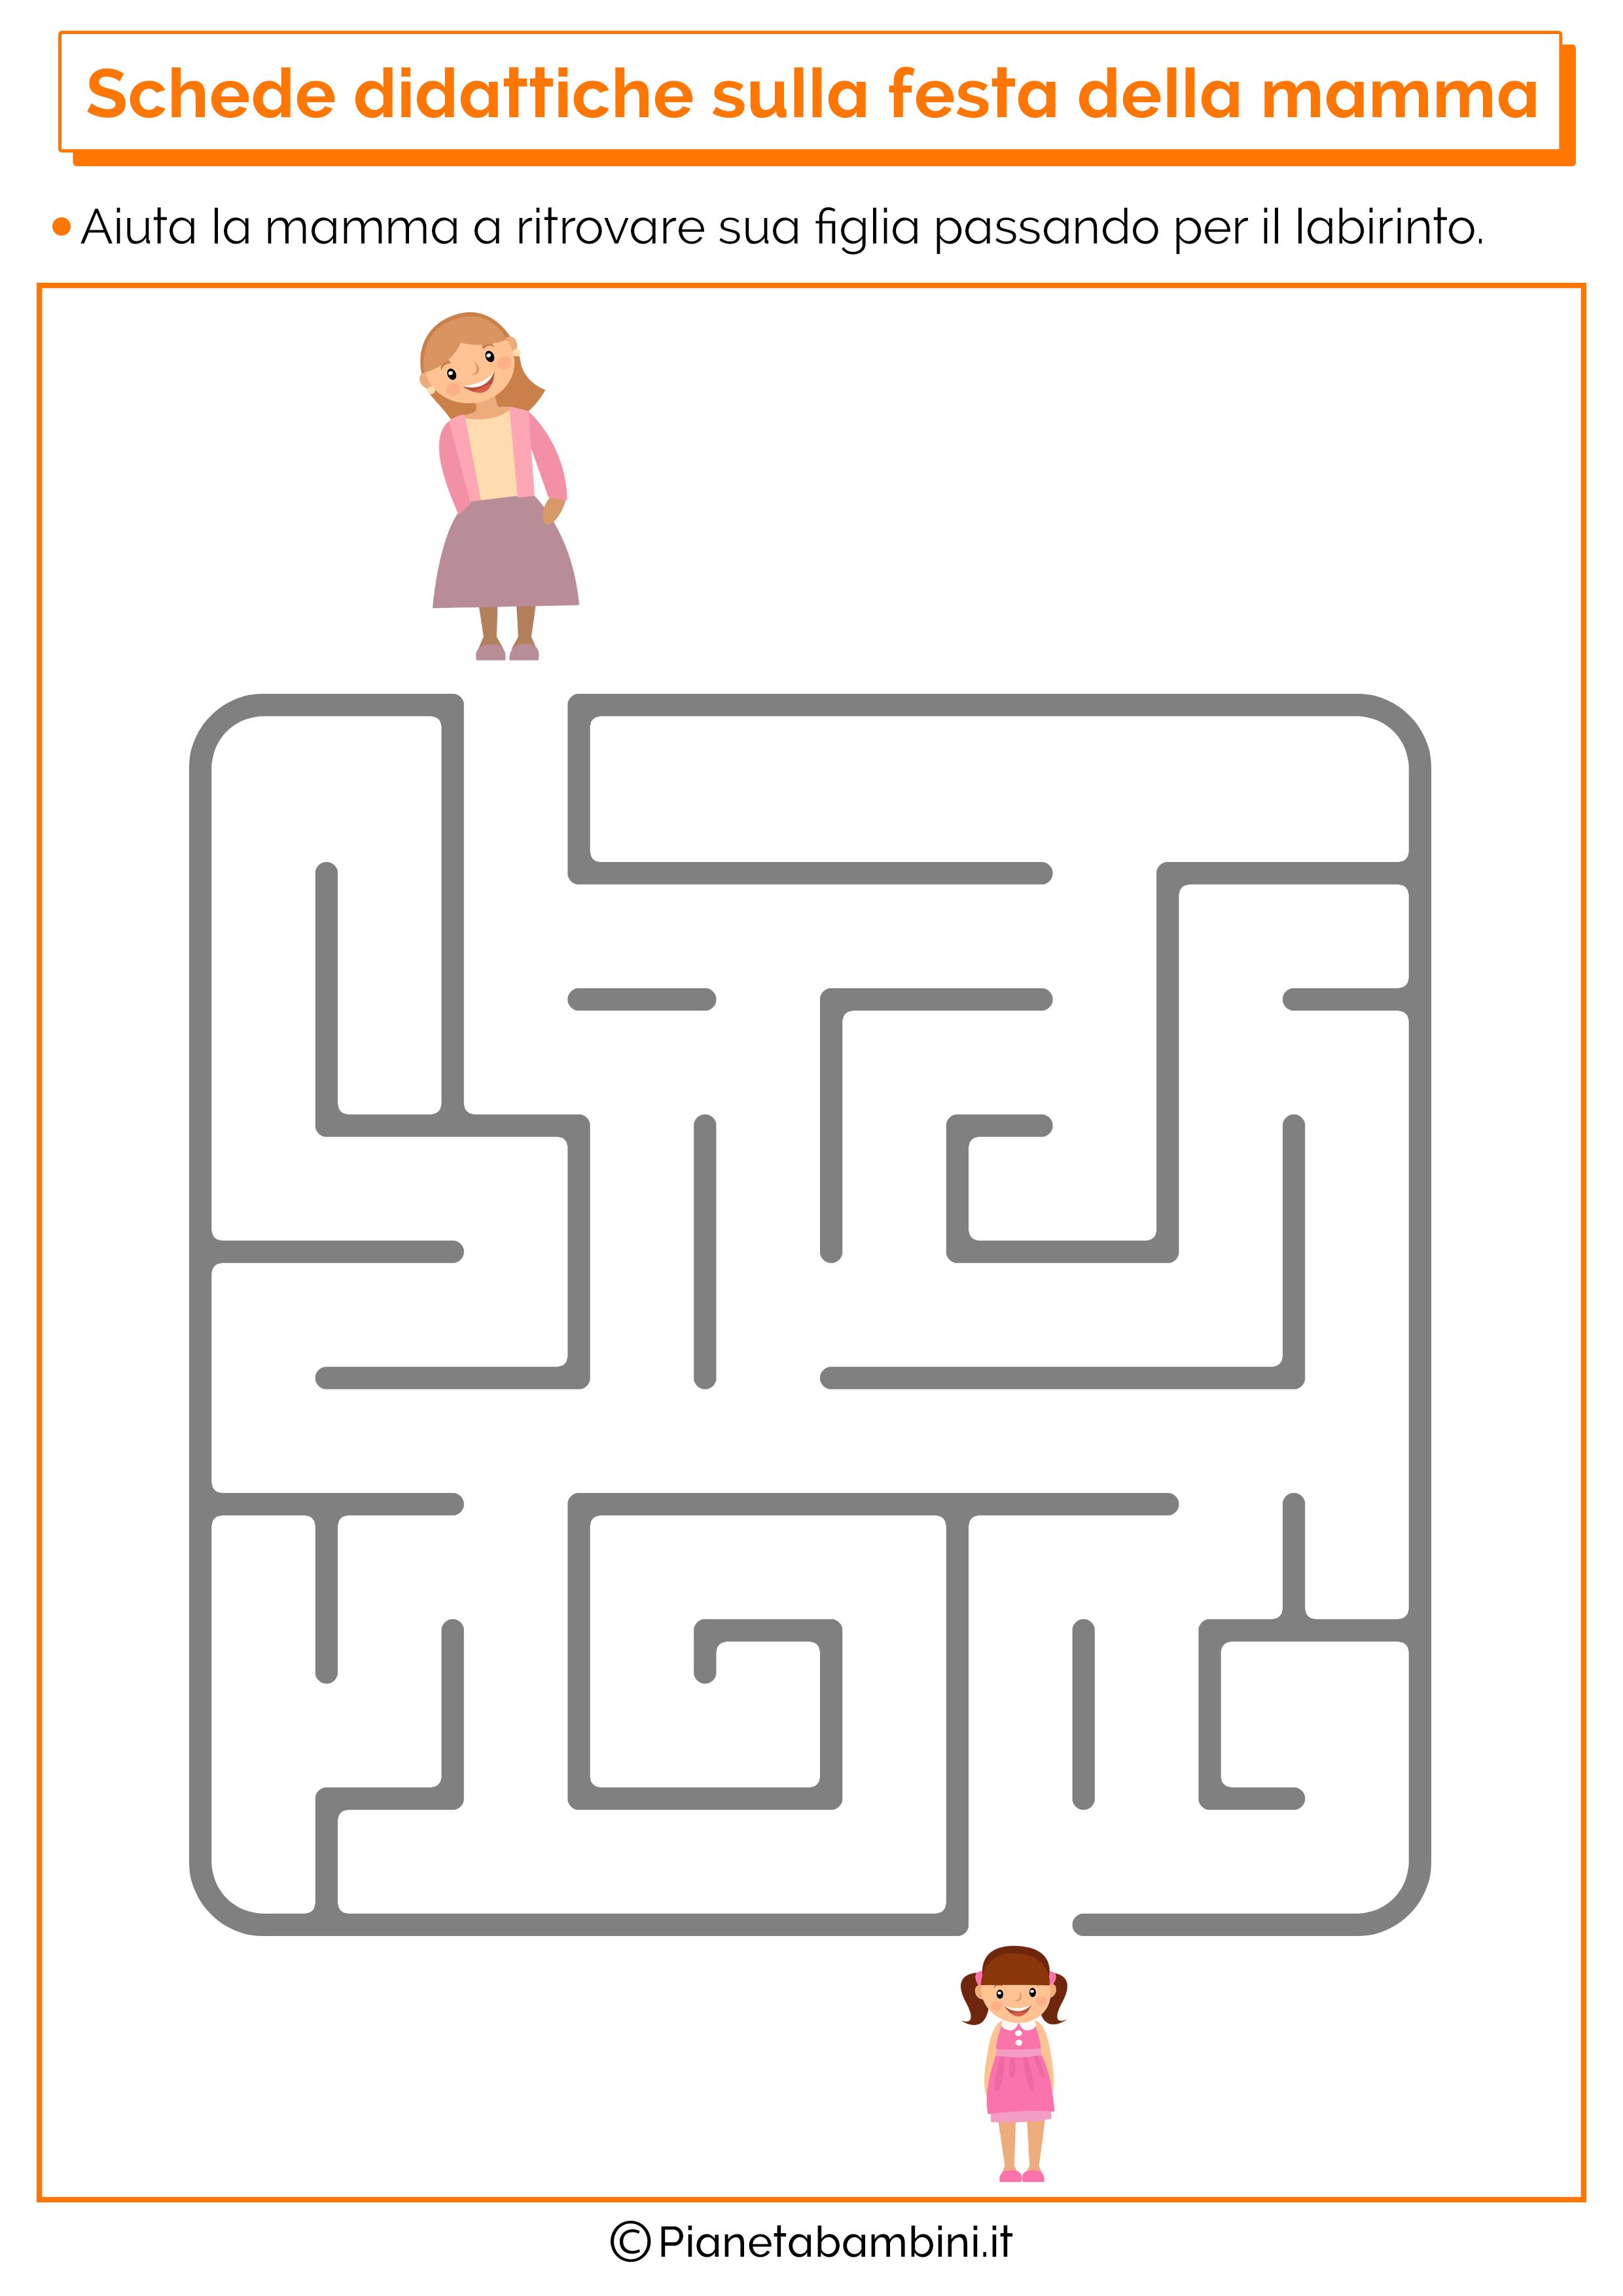 Scheda didattica sulla festa della mamma per la scuola dell'infanzia 9